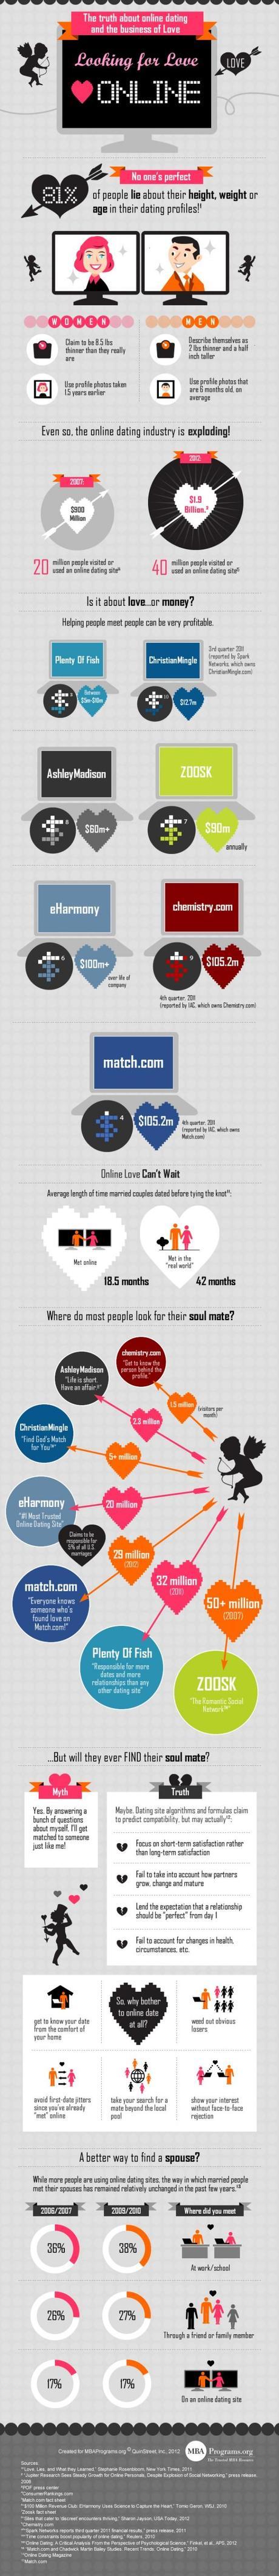 rencontres en ligne statistiques infographie gnd geek Infographie   les rencontres en ligne, en chiffres infographies  geek gnd geekndev